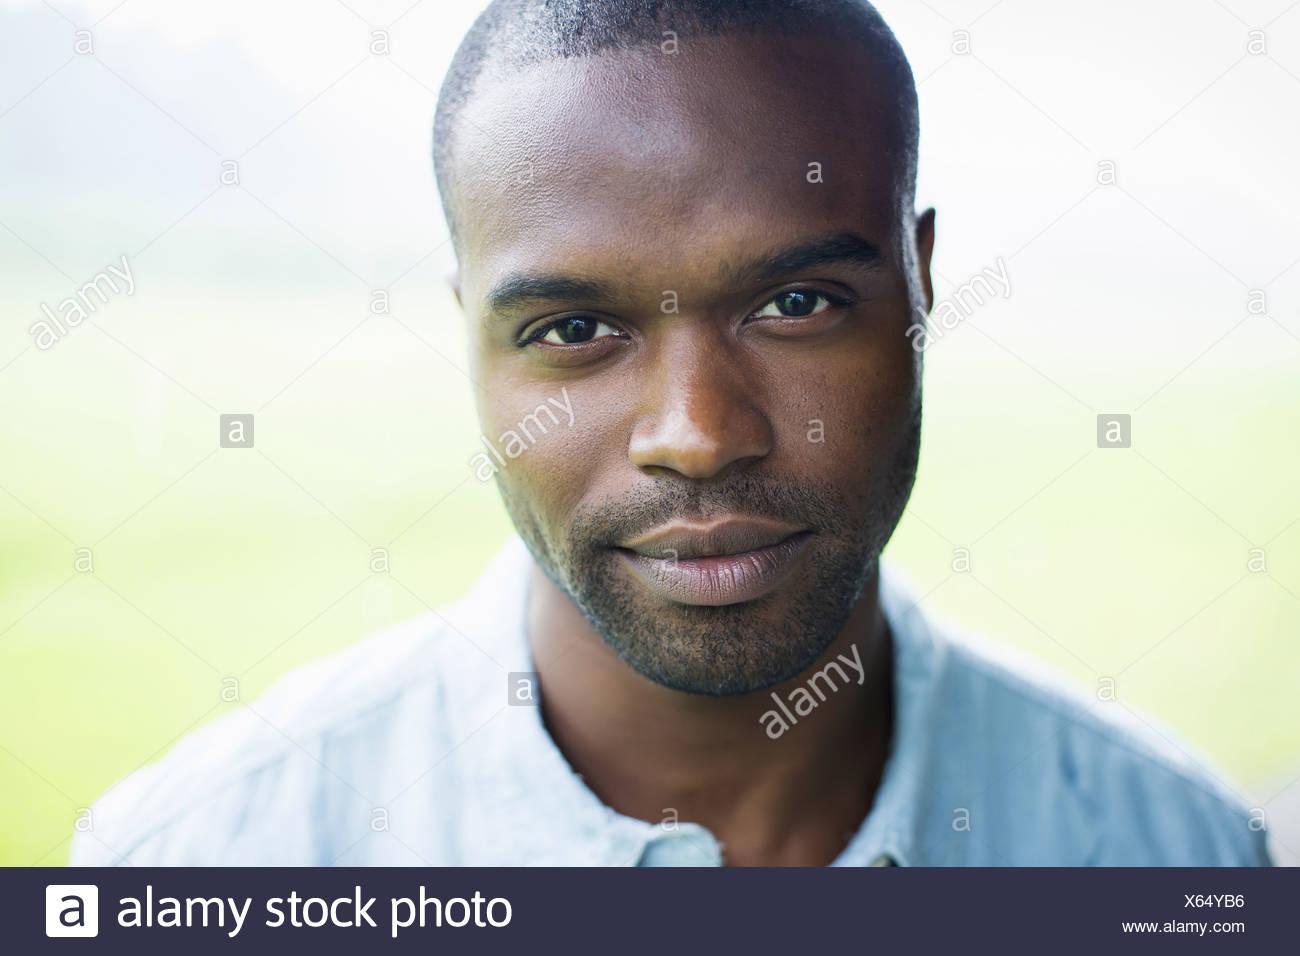 Un jeune homme en chemise bleue. Photo Stock